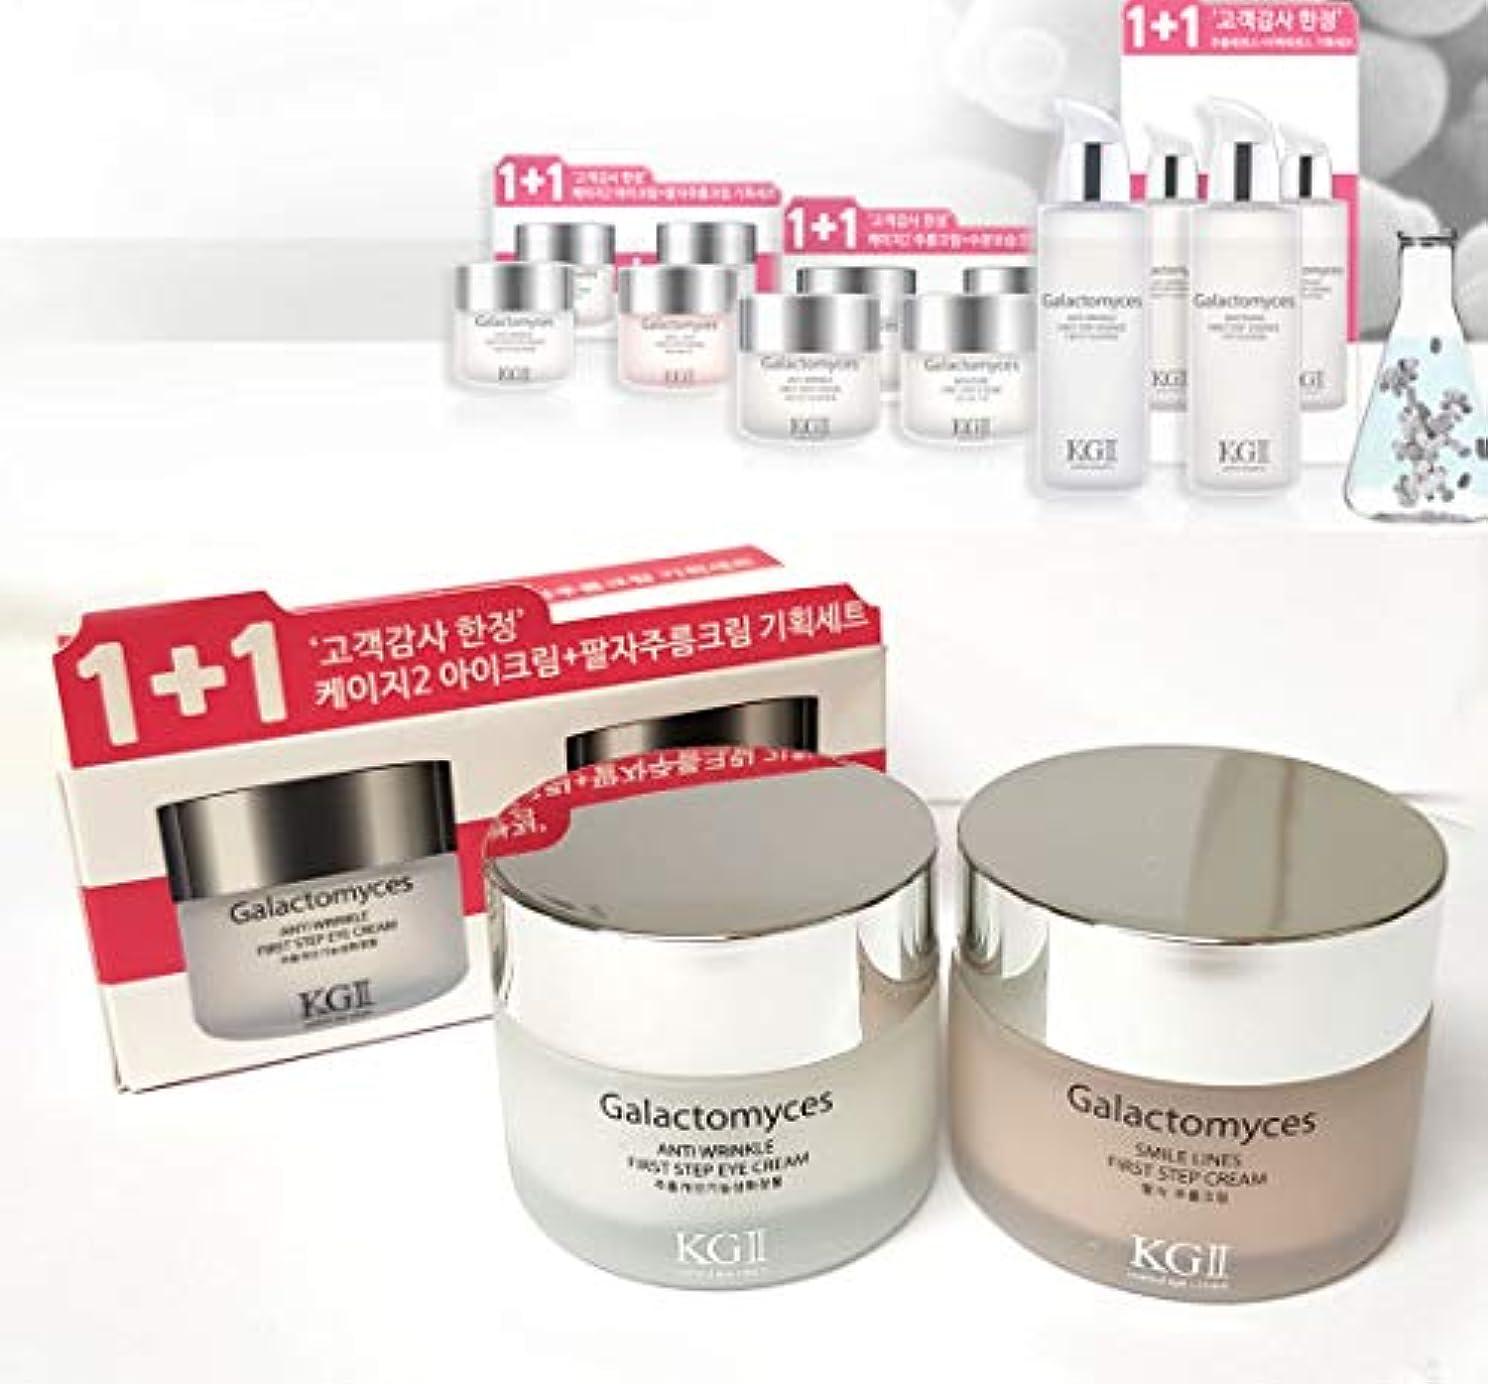 占めるブラスト取得する[KG2] ガラクトミセスファーストステップアイクリーム30ml +スマイルラインズクリーム30mlセット / Galactomyces First Step Eye Cream 30ml + Smile Lines Cream...